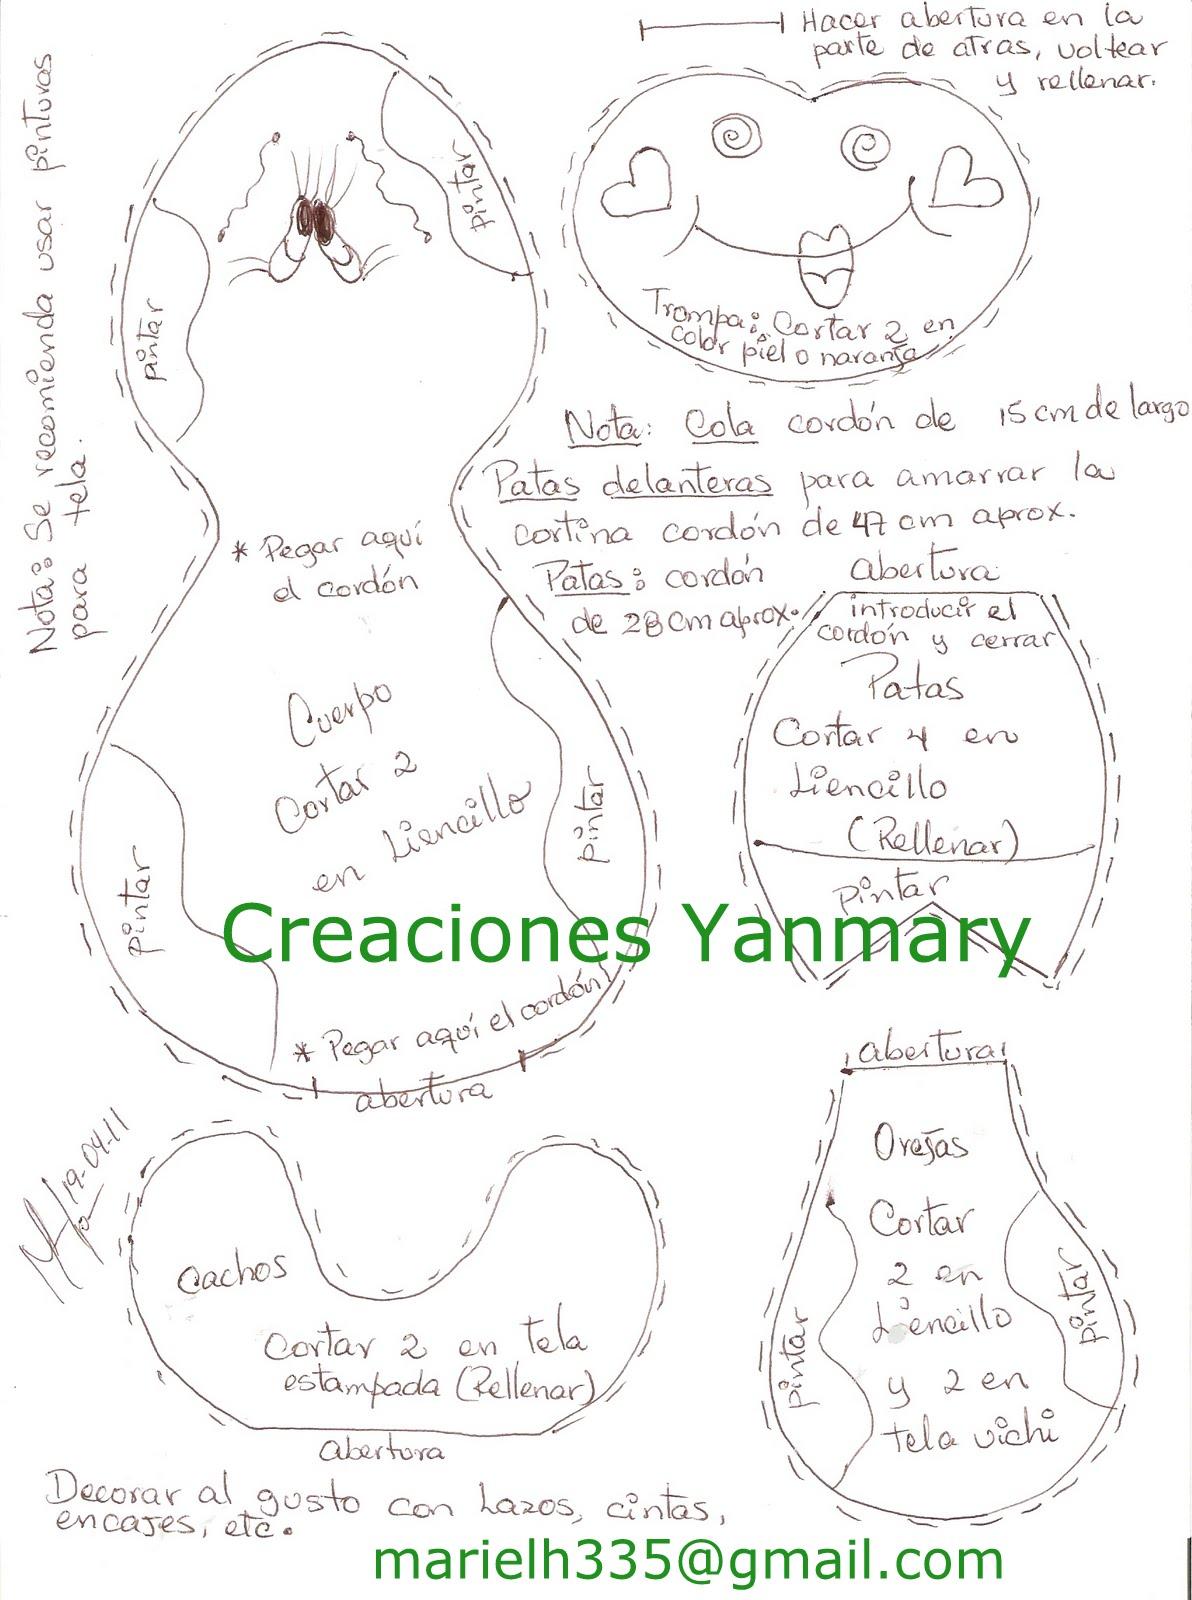 Juegos De Lenceria De Baño Patrones:Creaciones Yanmary: JUEGOS DE BAÑO Y LENCERÍA DE COCINA